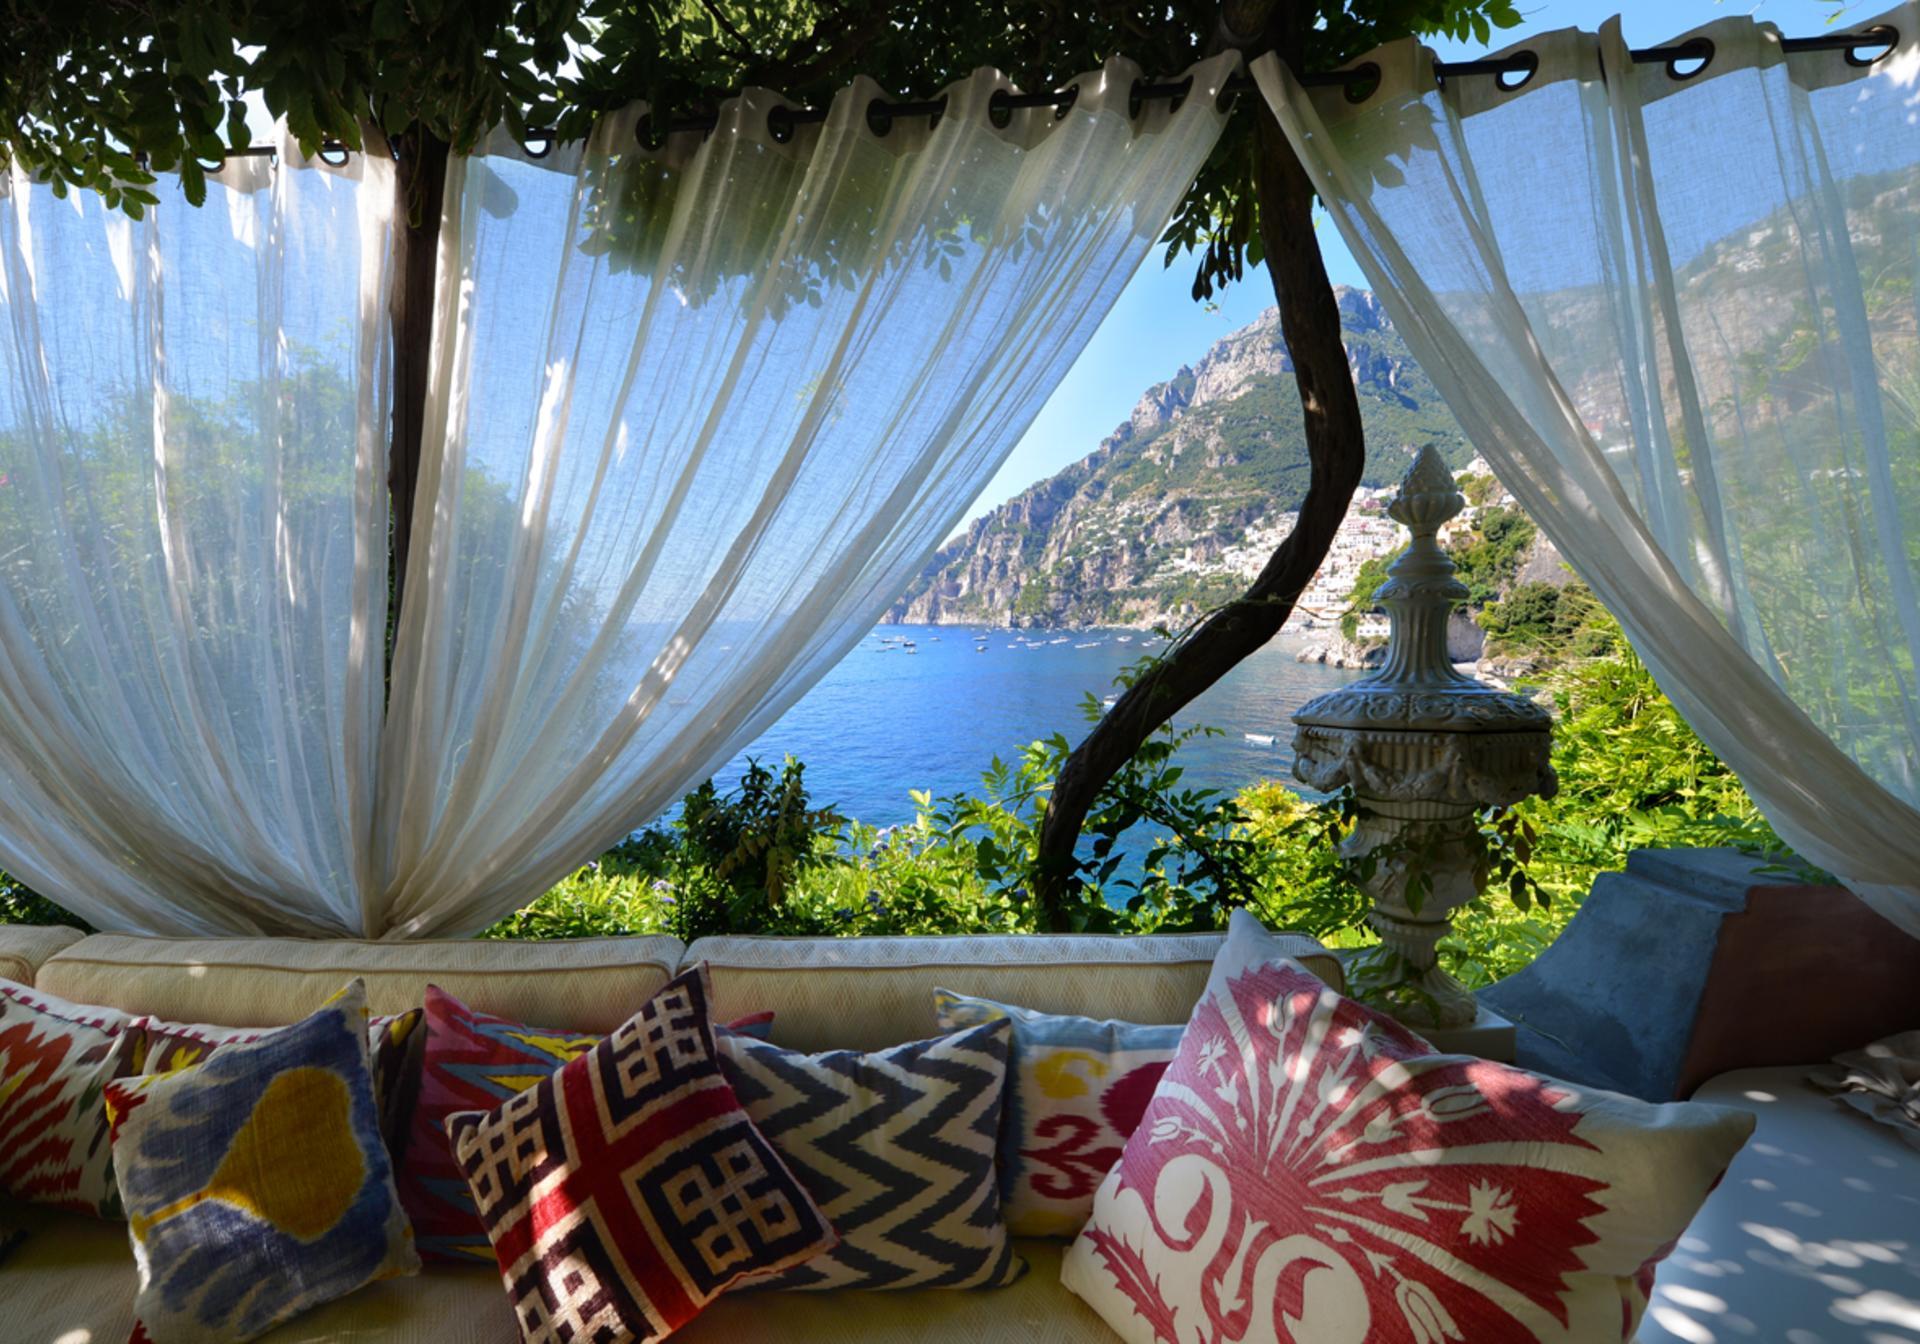 Covered Outdoor seating, La Divina, Positano, Amalfi Coast Campania.